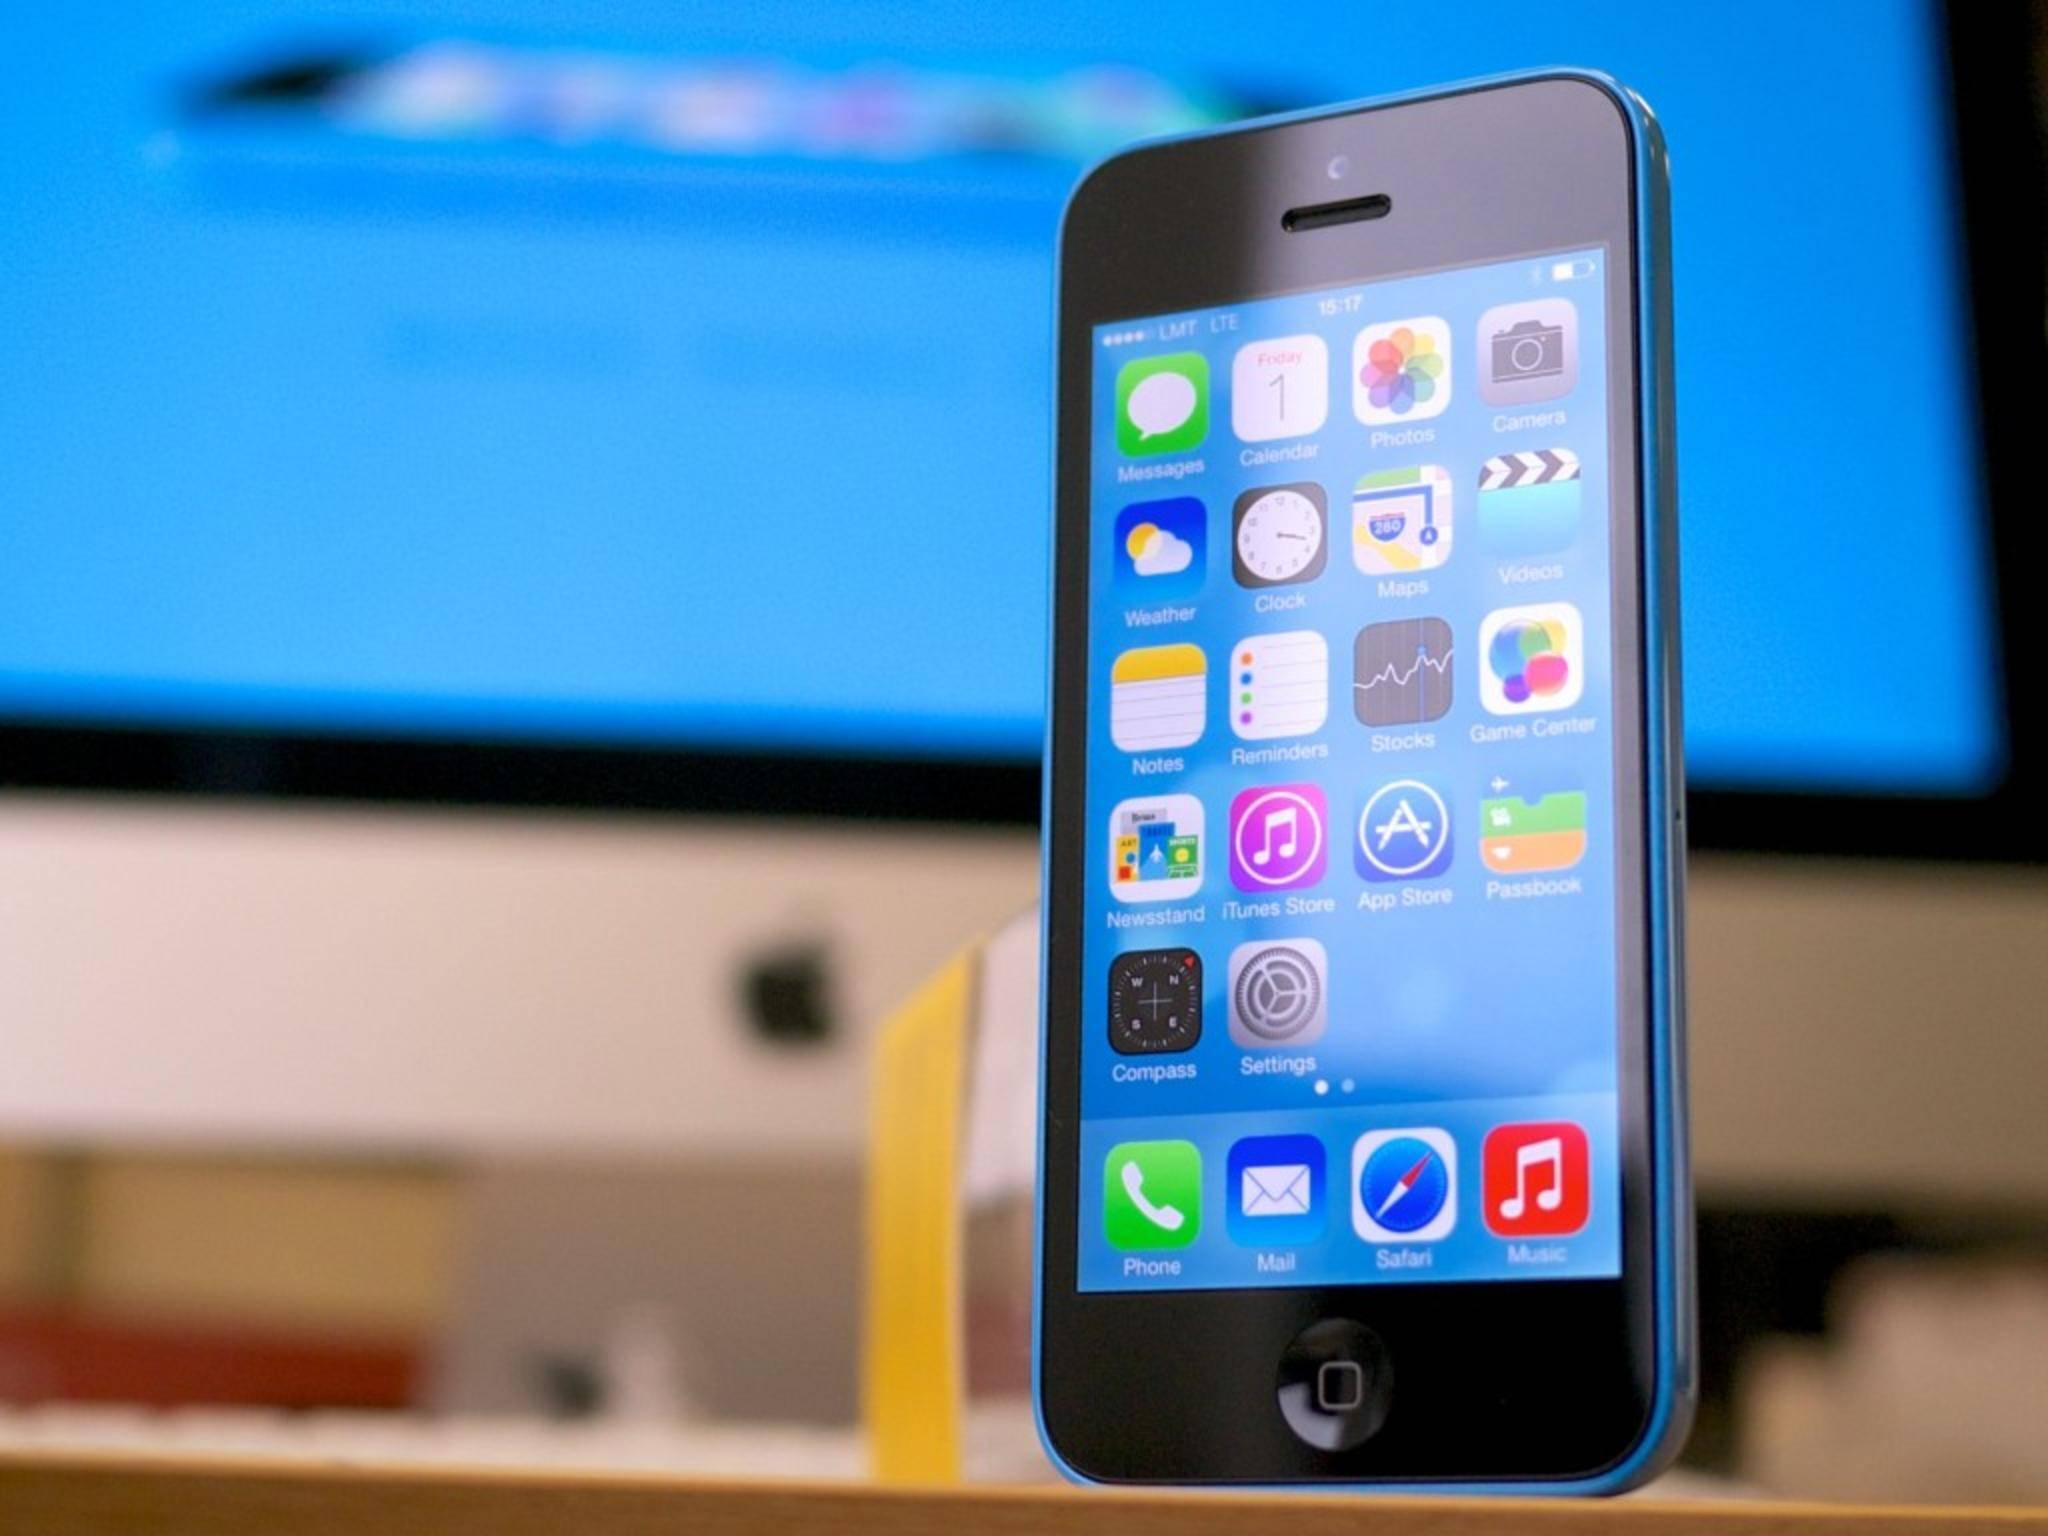 Das iPhone 5c: Auf dem Gerät des Attentäters von San Bernardino konnte das FBI nichts finden.